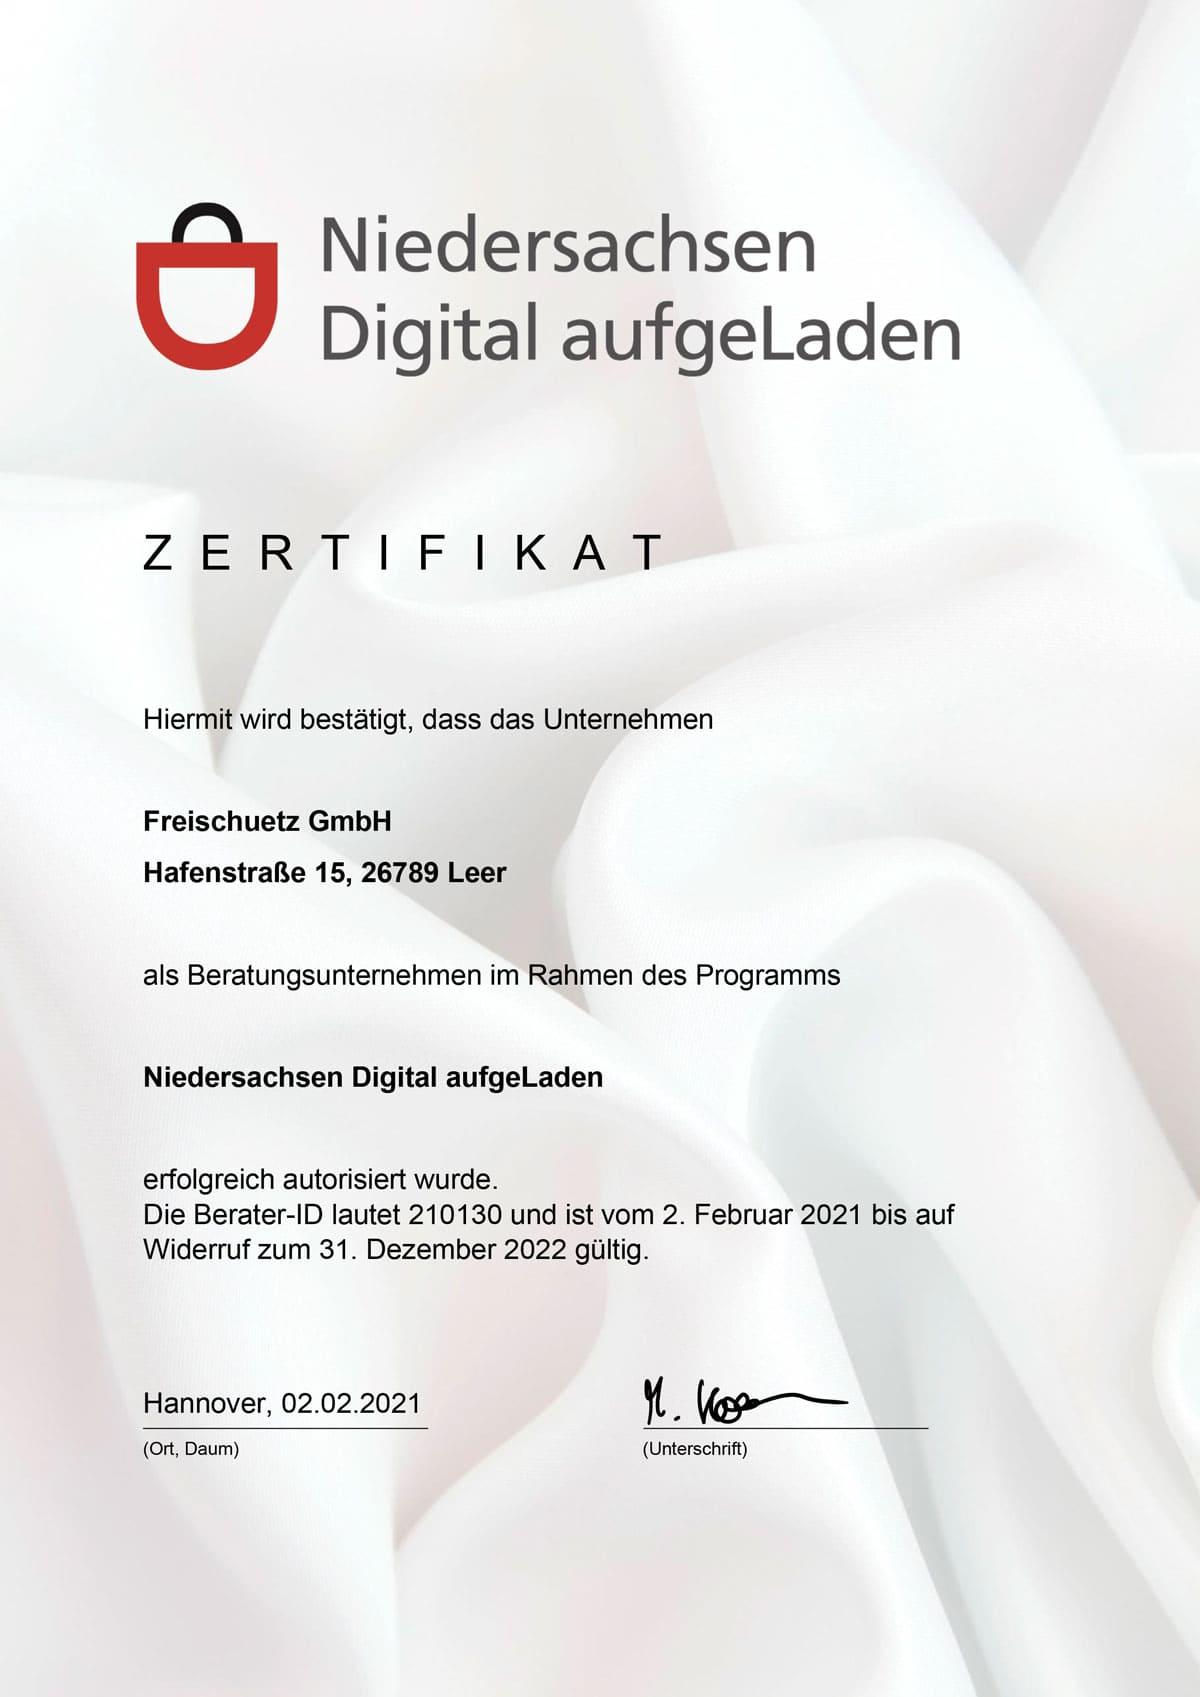 Zertifikat Niedersachsen Digital aufgeLaden Freischuetz GmbH